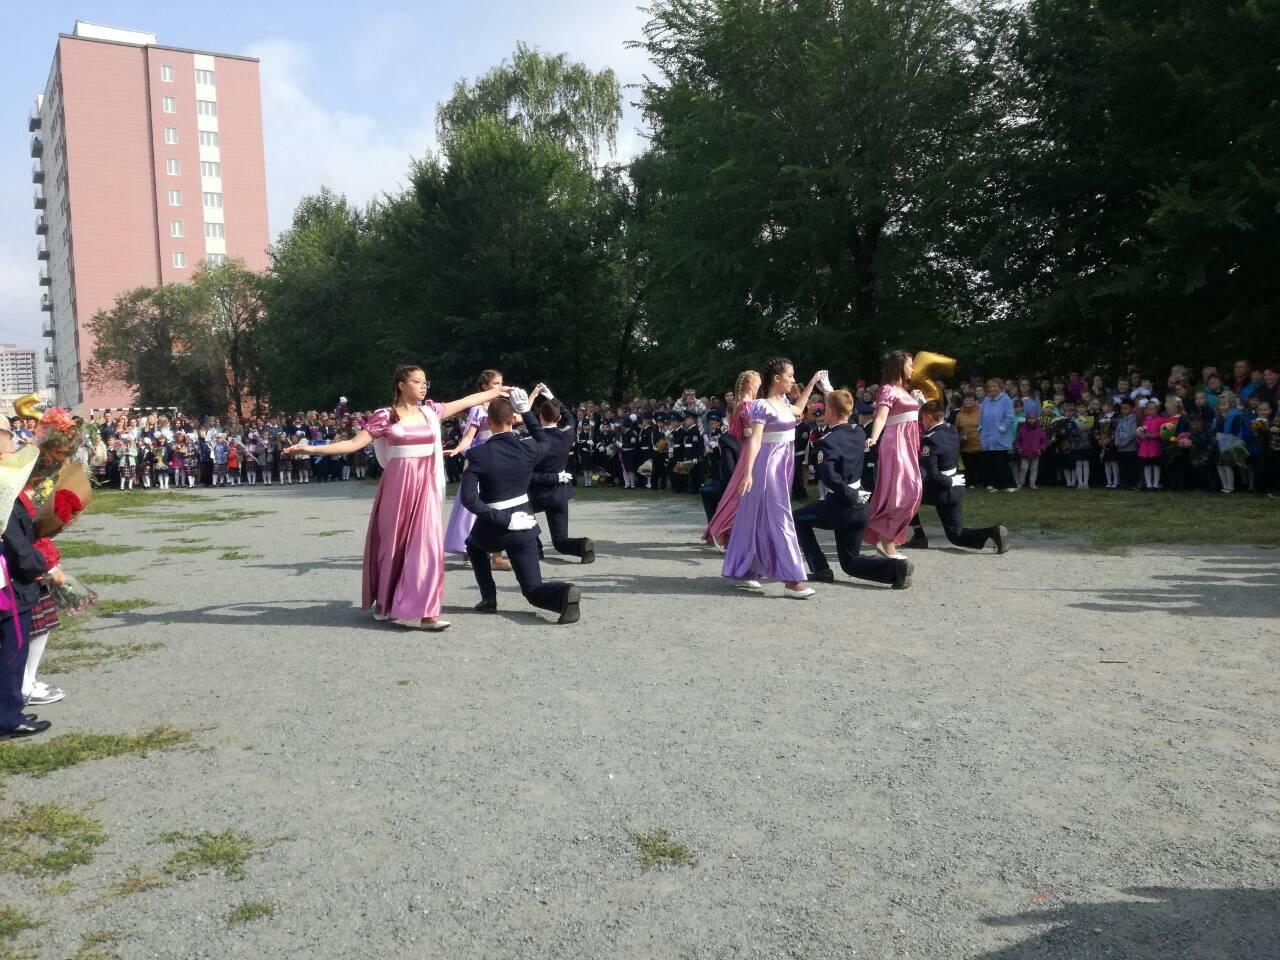 ... а те, кто уже учатся, показали танцевальное мастерство